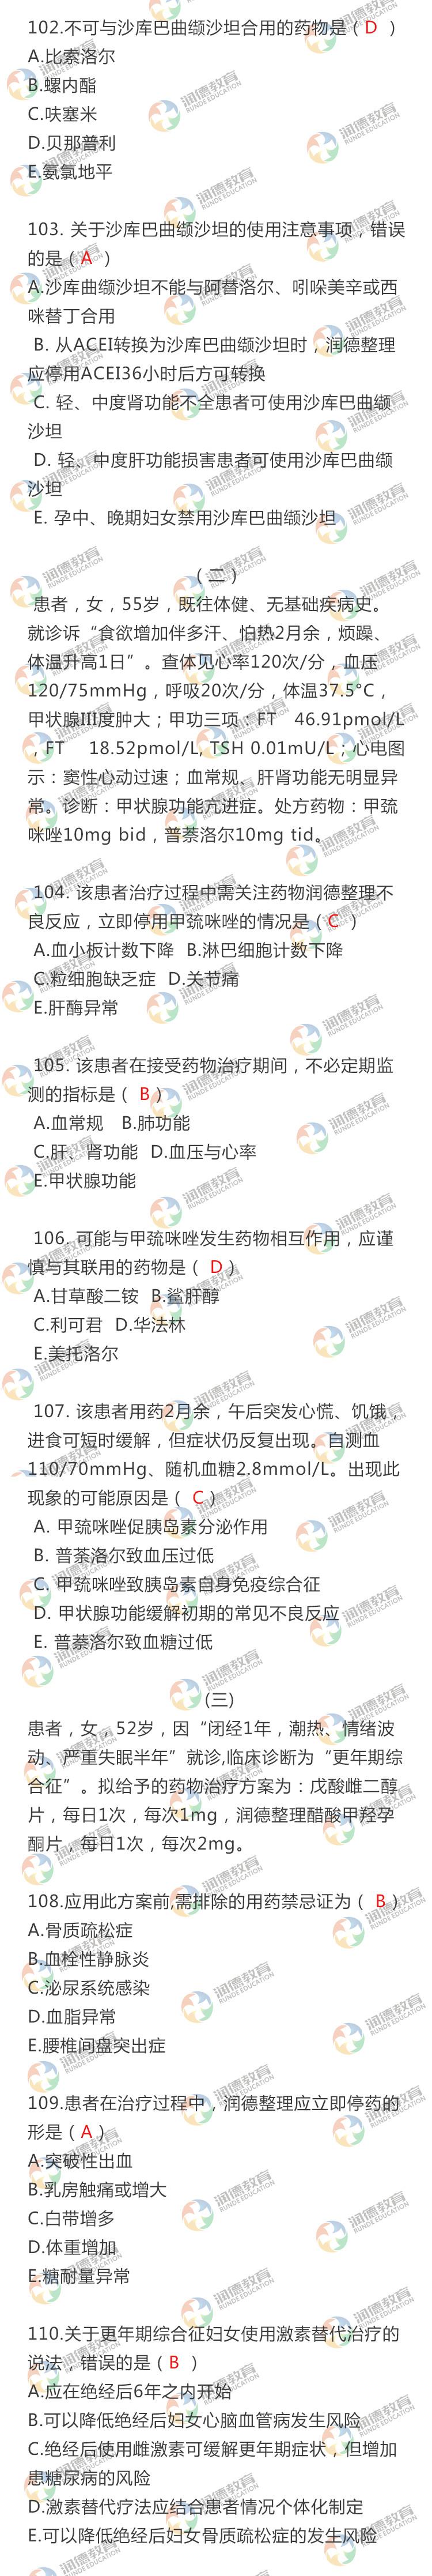 执业药师西药二91-100.jpg